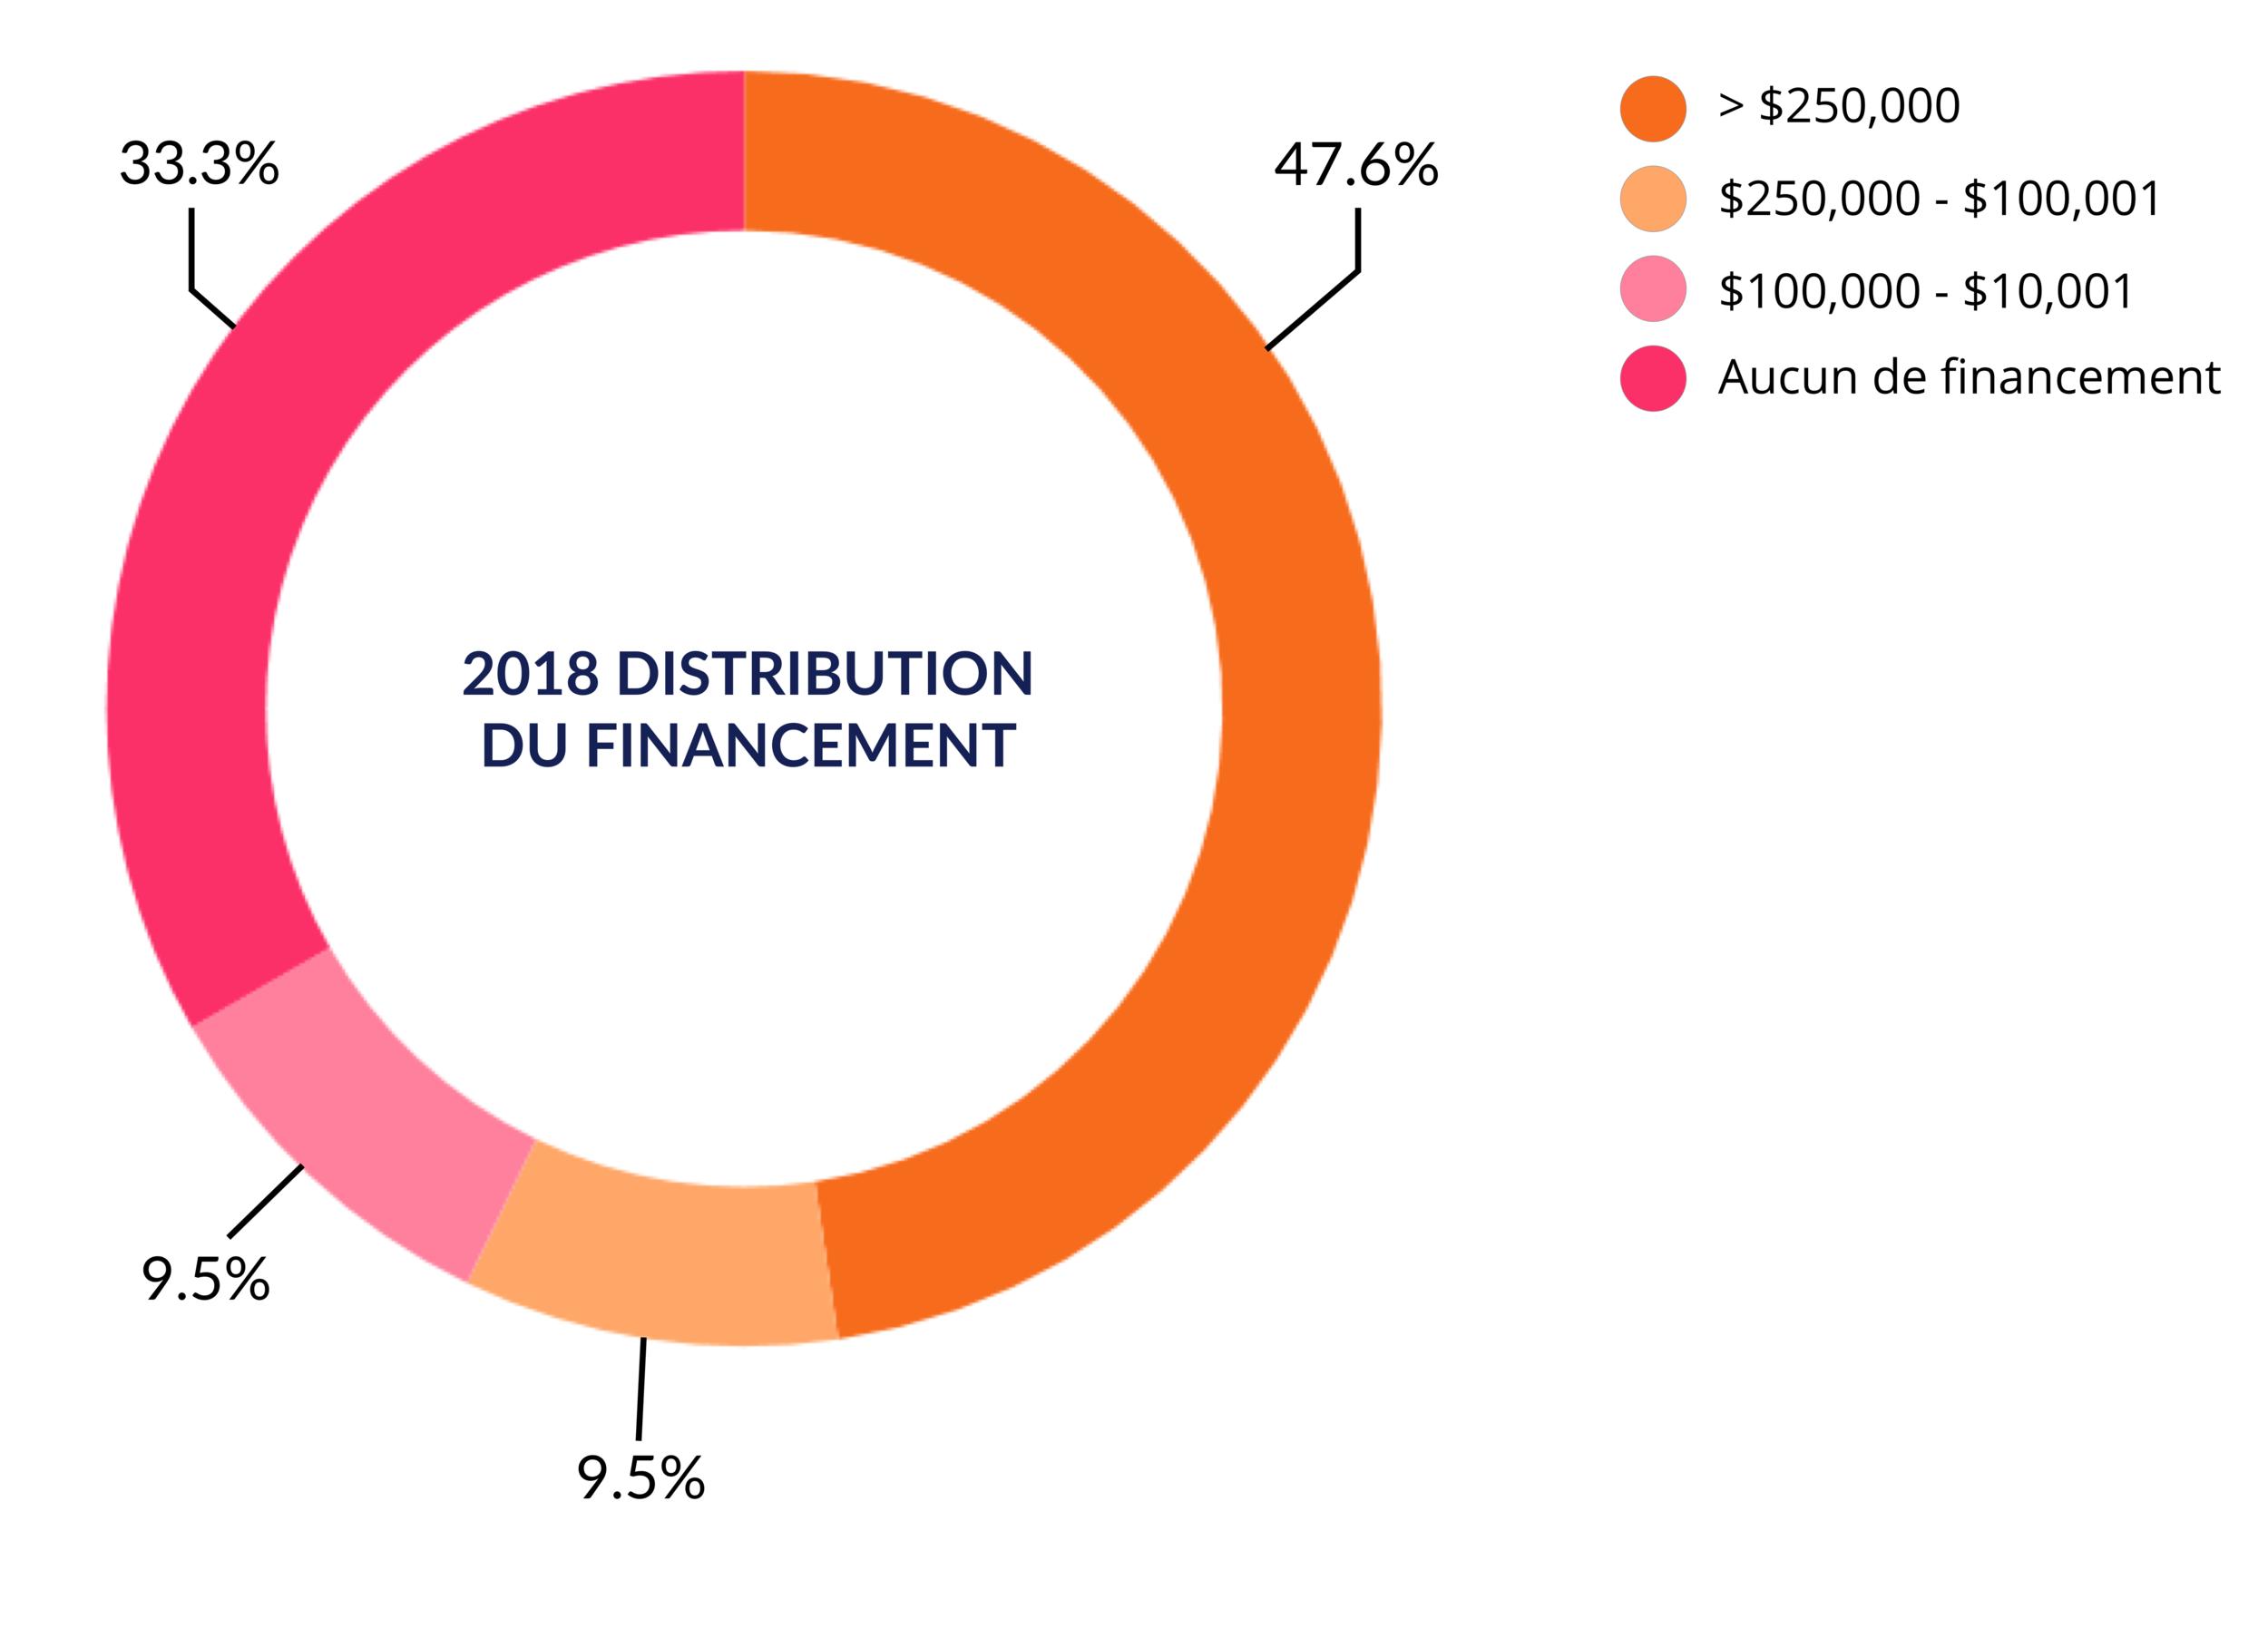 FundingDistribution_FR.png